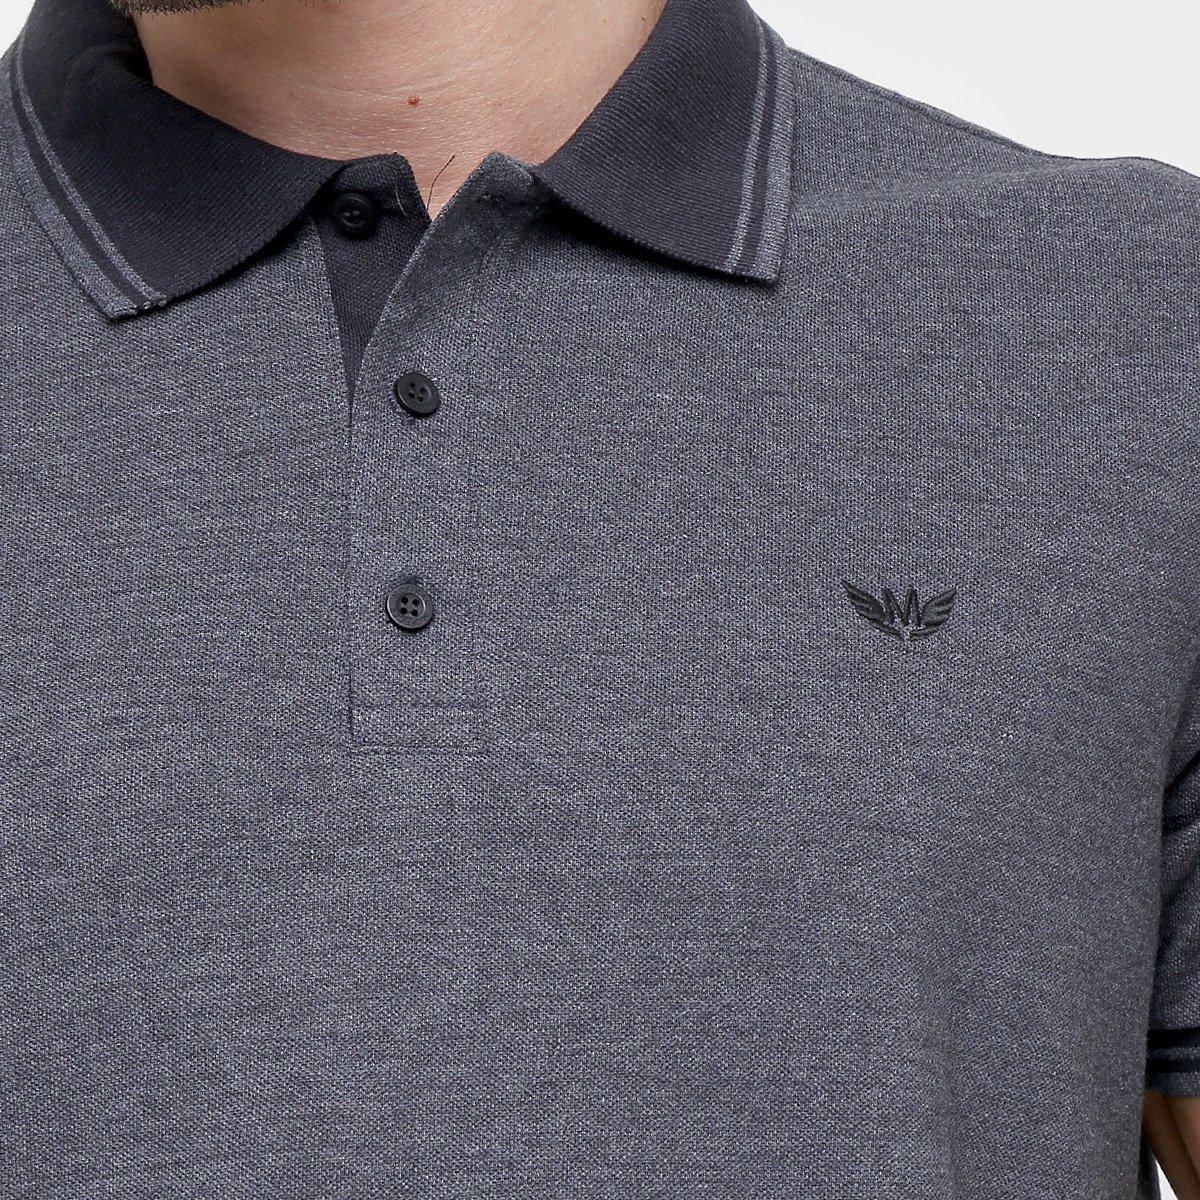 Camisa Polo M. Officer Piquet Frisos - Compre Agora  f036be505d00f